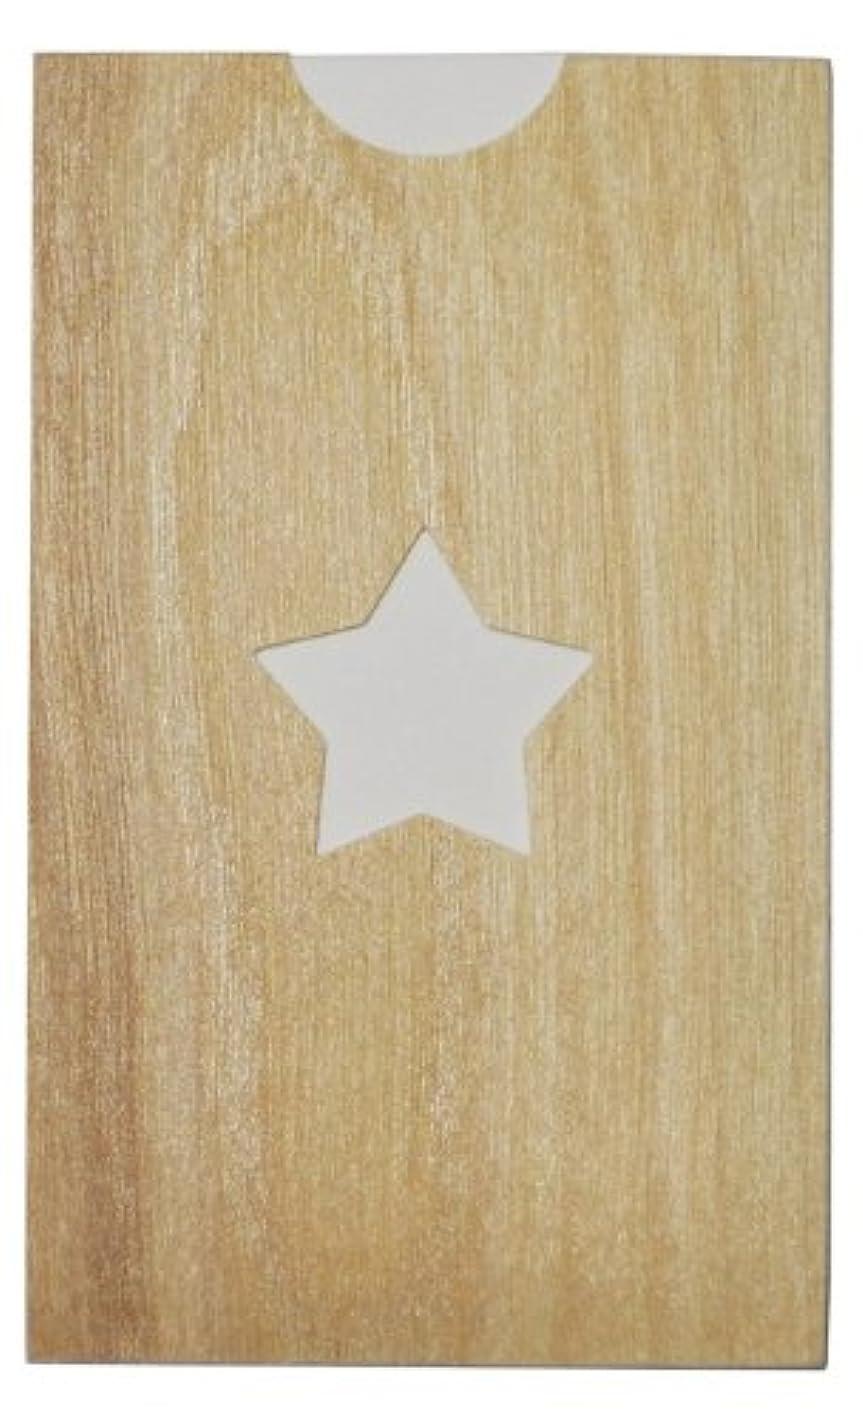 失礼したがって方向yuica(ユイカ) 香りのカード /星(ヒノキのシートケース+ムエット紙10枚)